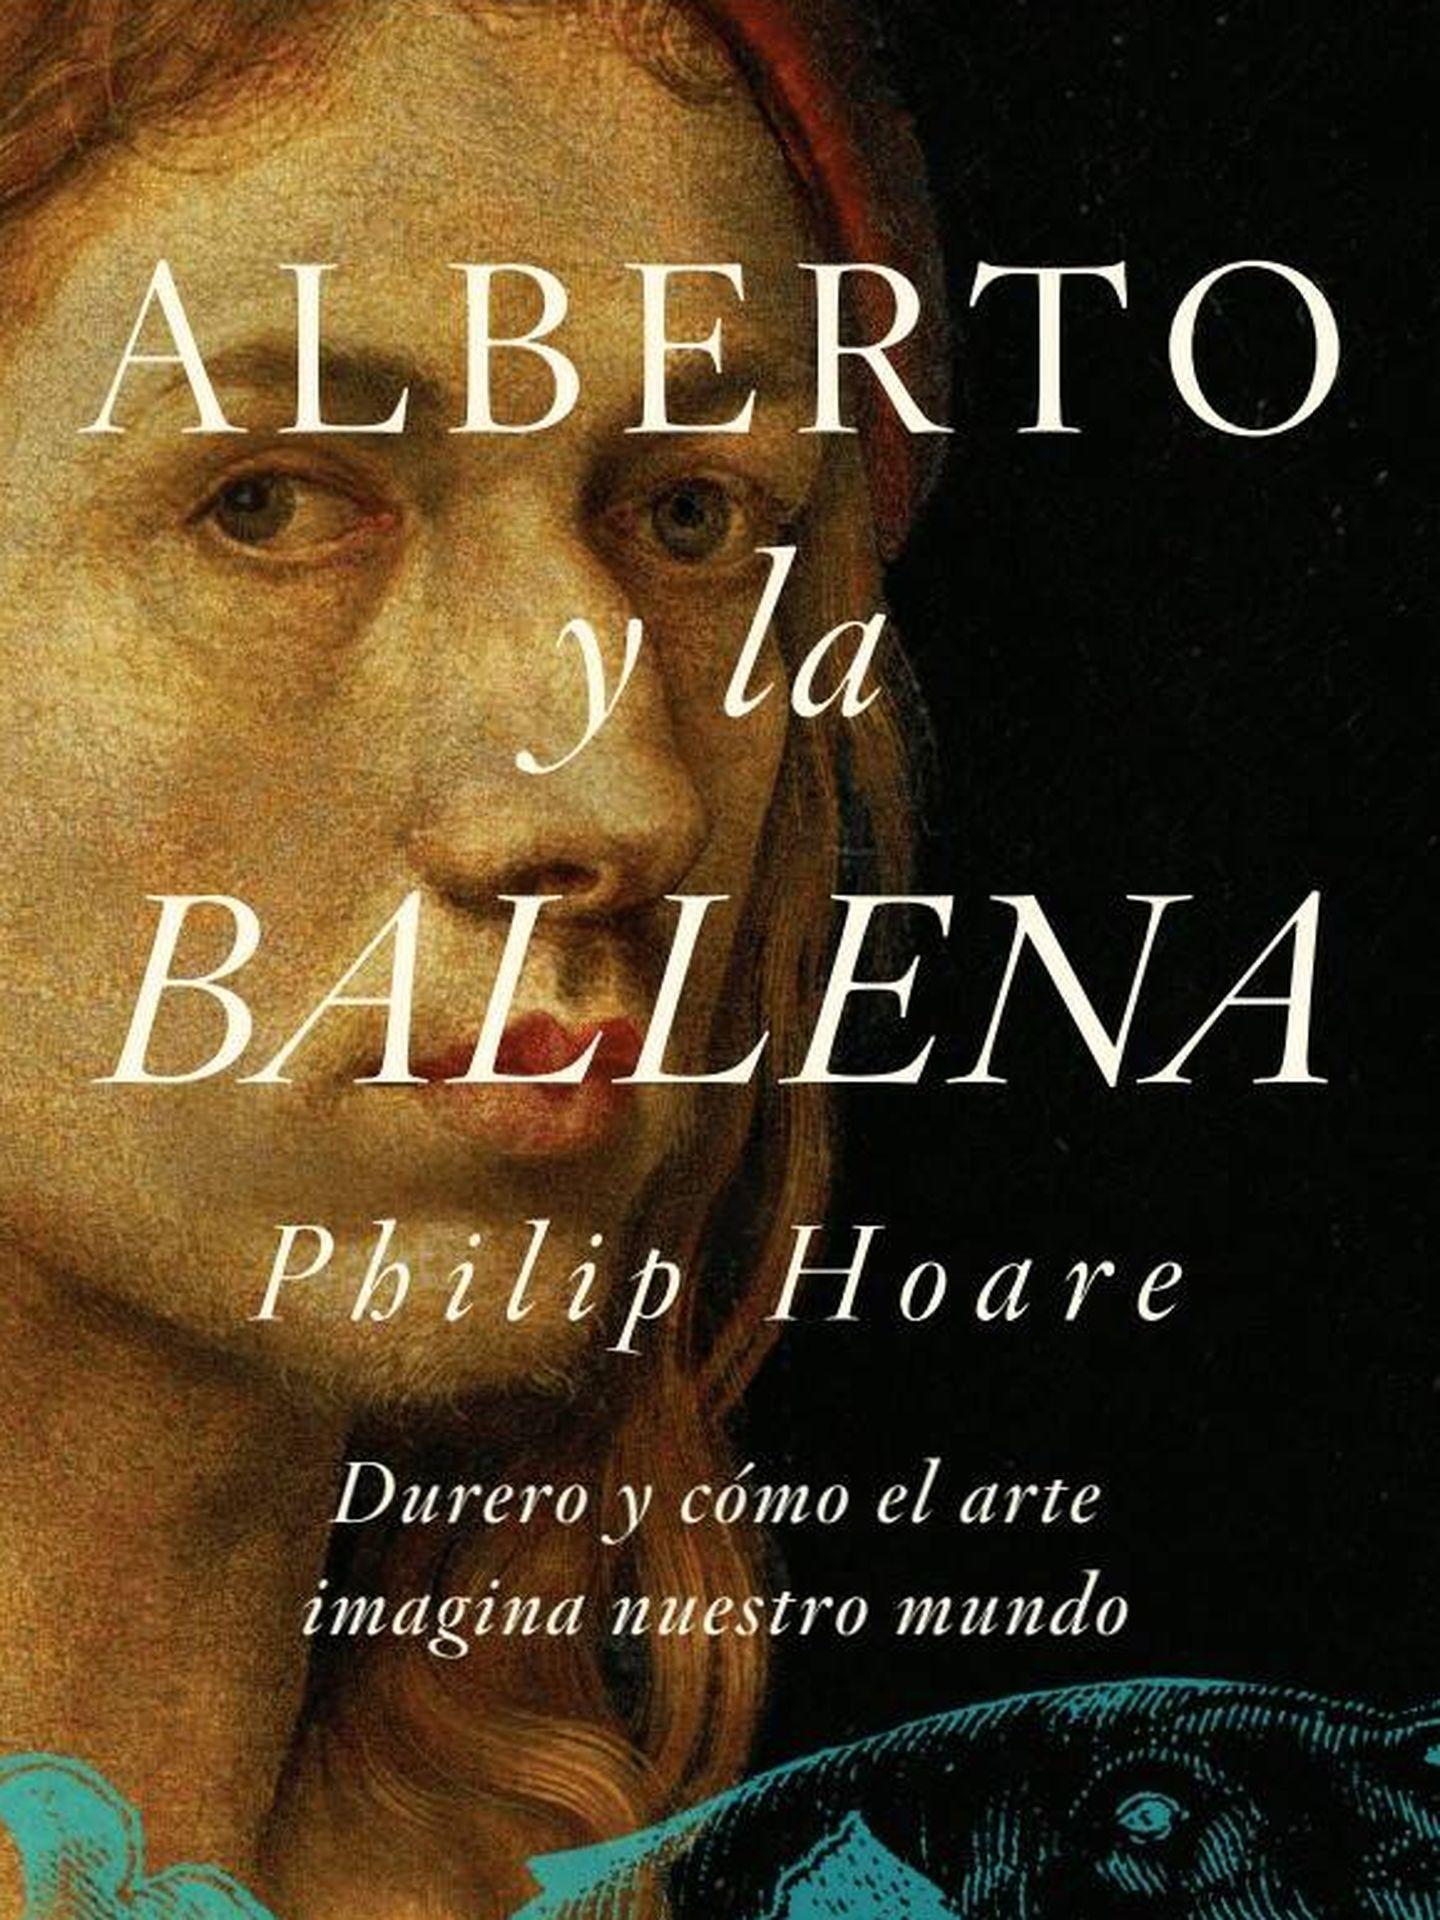 'Alberto y la ballena'.